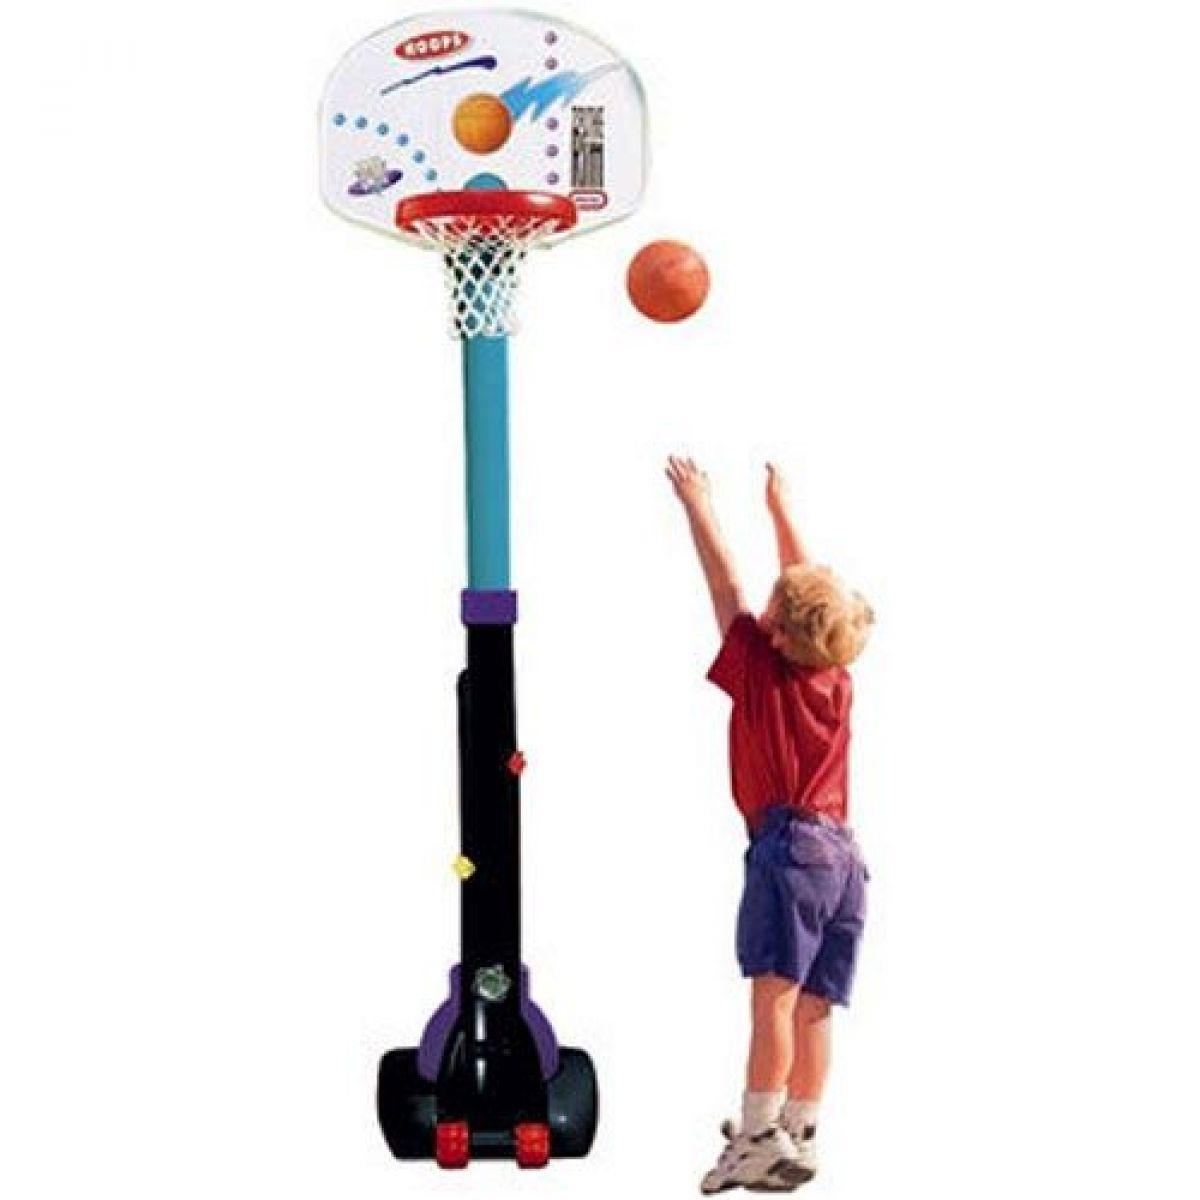 Little Tikes Basketbalová sada - Poškozený obal